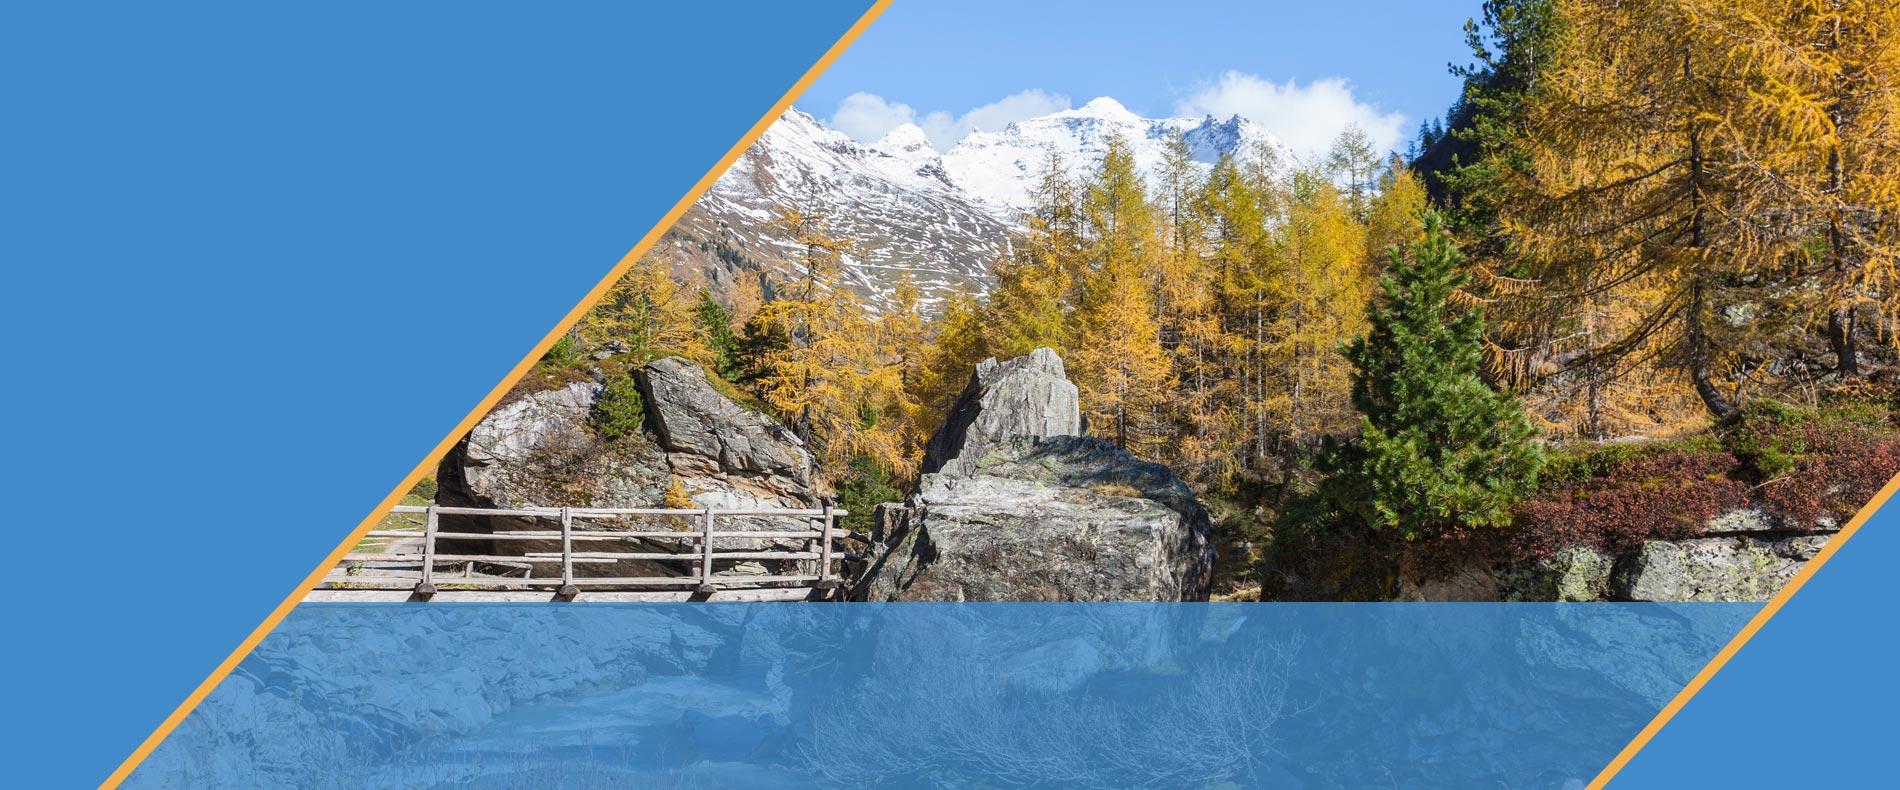 Urlaub in den bergen im herbst for Ferienwohnung nordsee privat gunstig